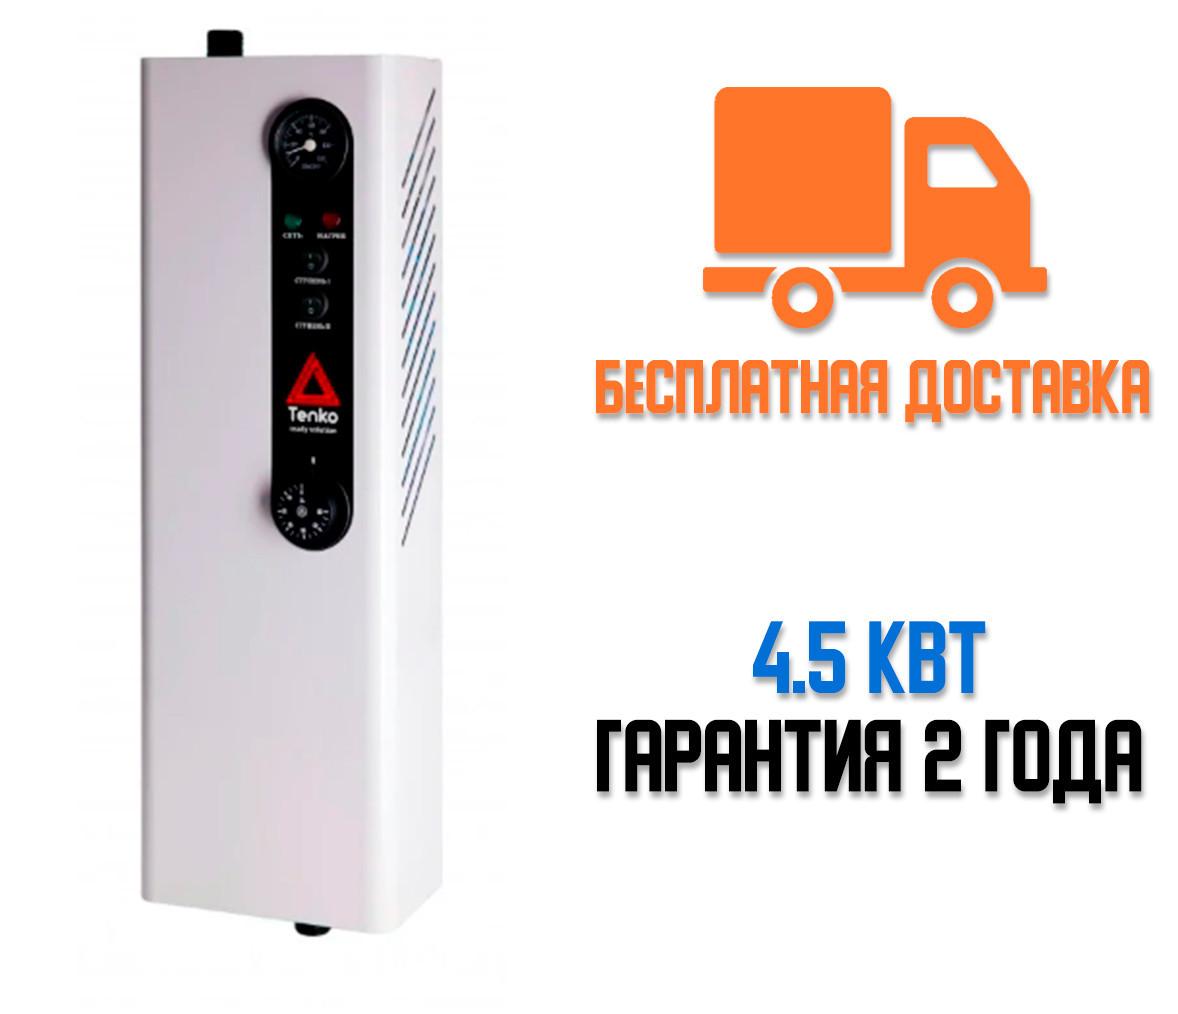 Котел электрический Tenko 4.5 кВт/220 эконом Бесплатная доставка!